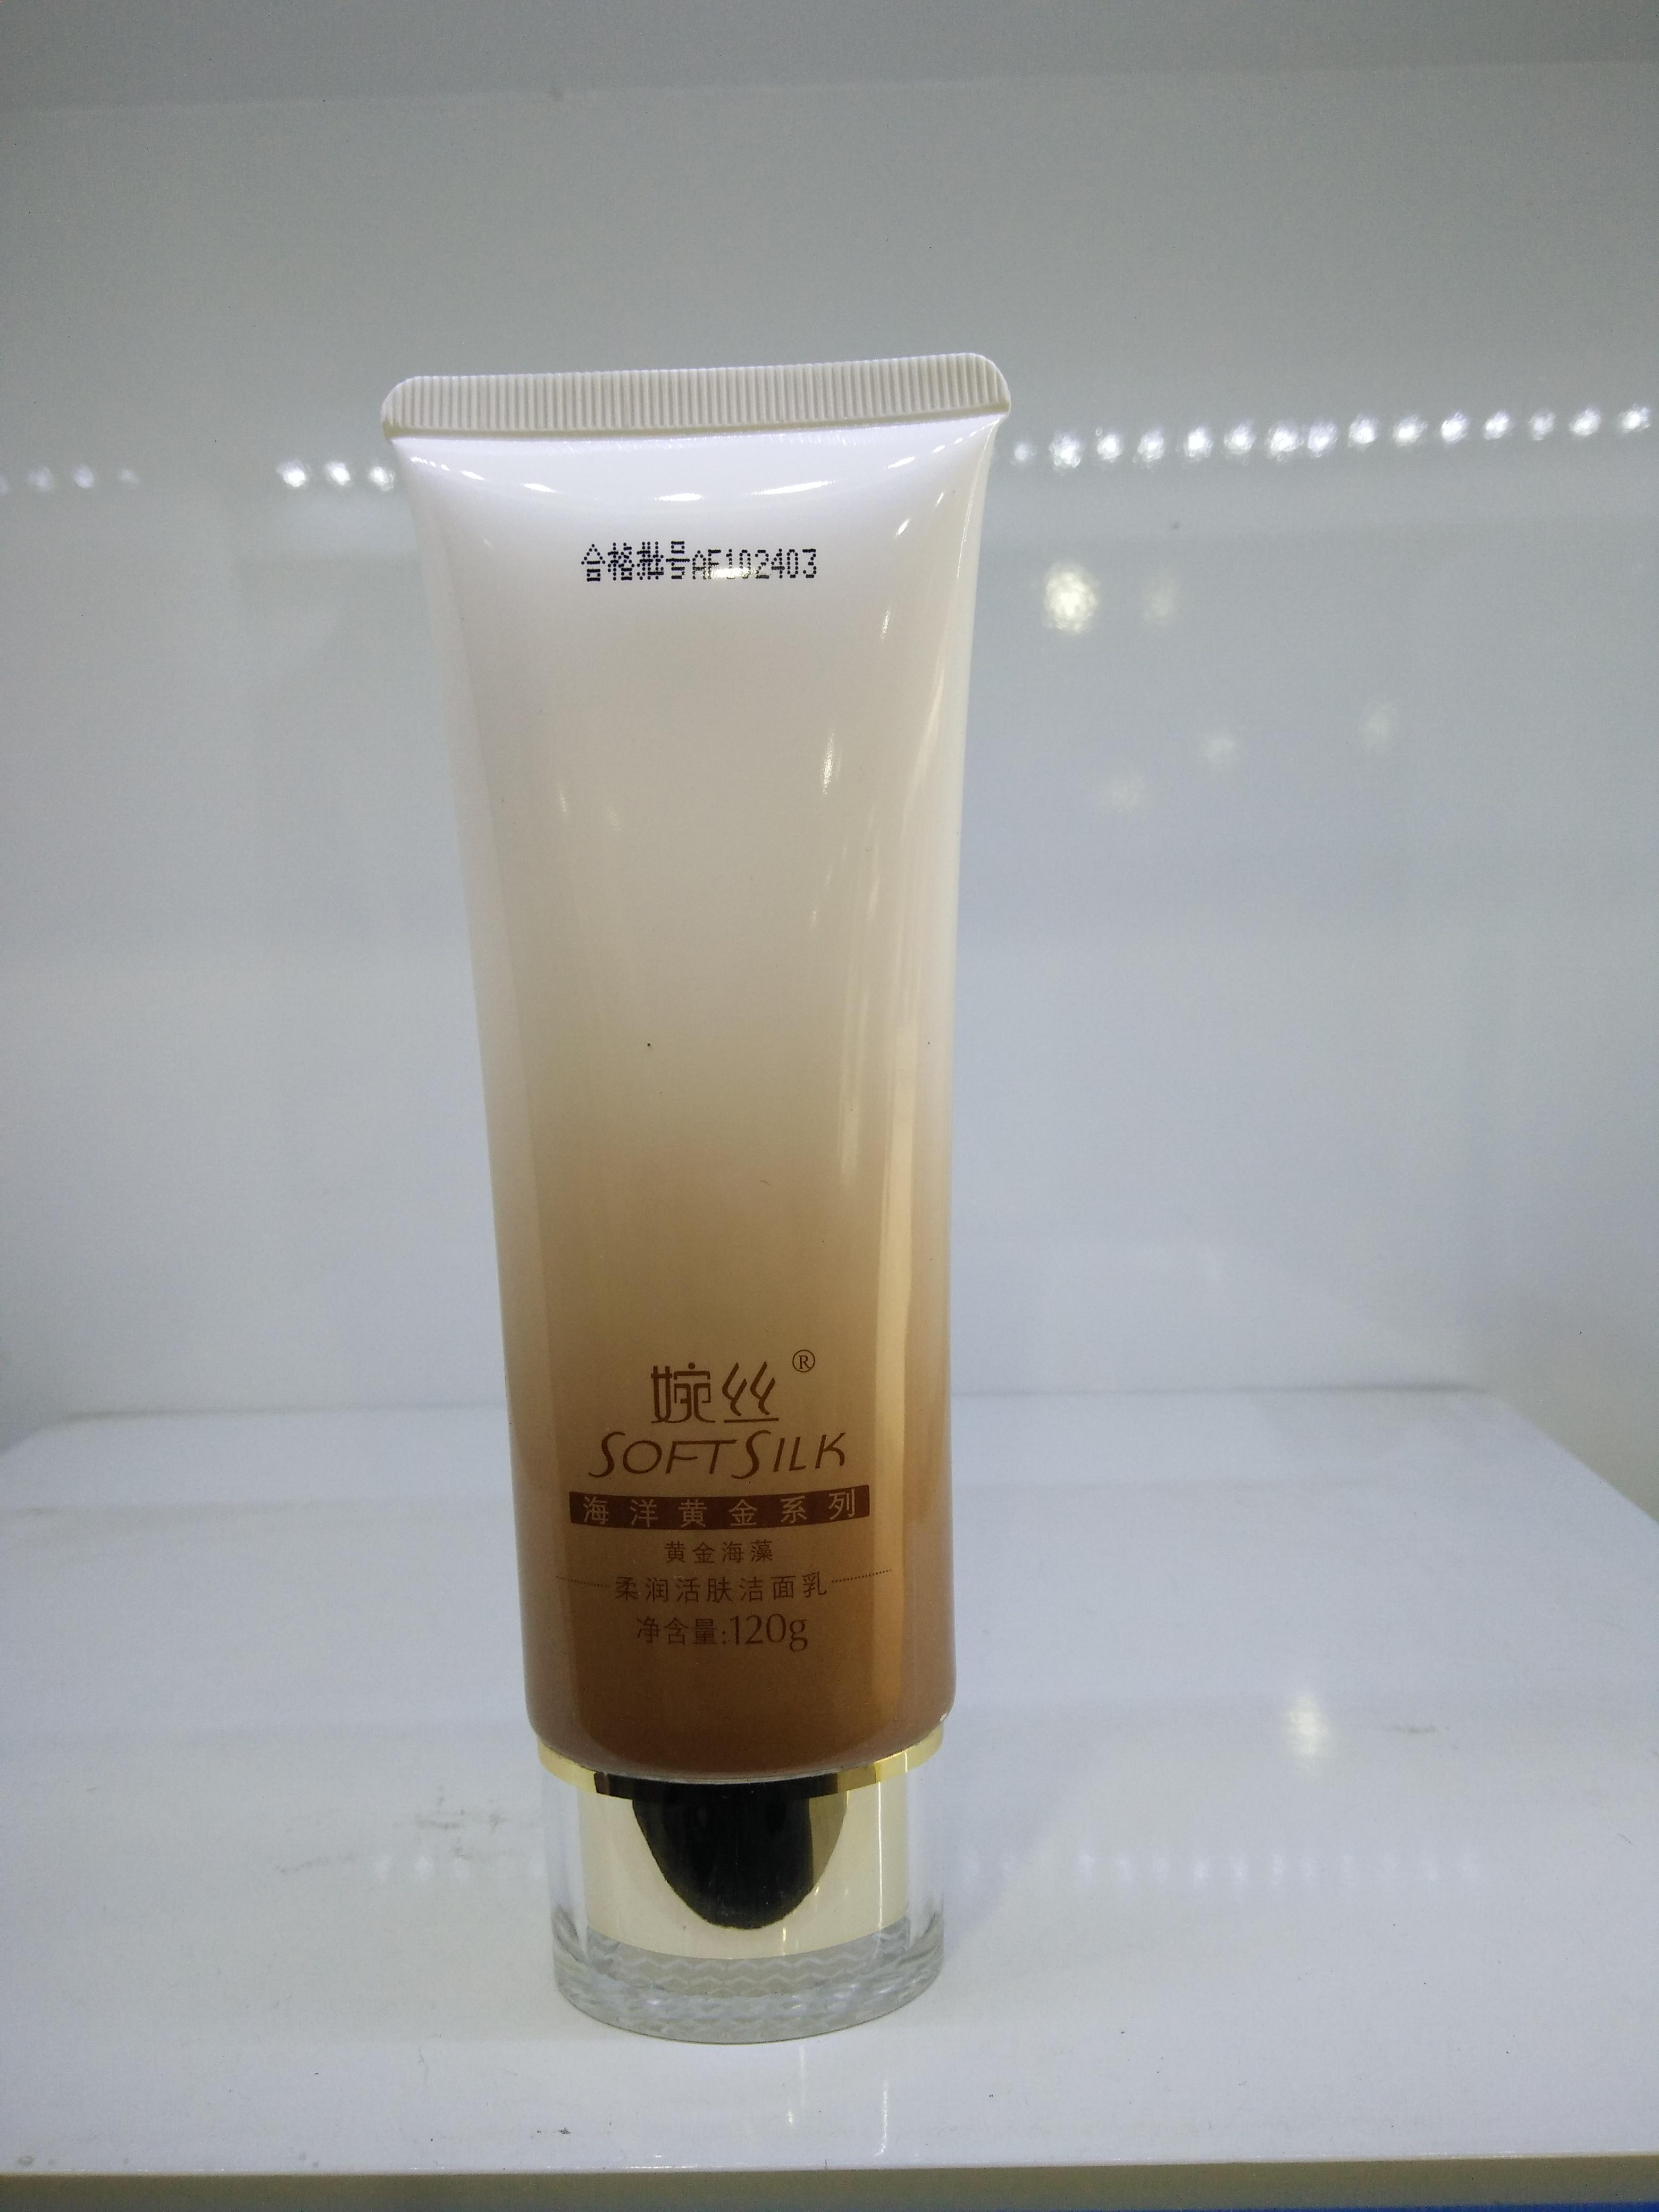 洗面奶保湿补水不紧绷 120g 柔润活肤洁面乳 黄金海藻系列 婉丝新品